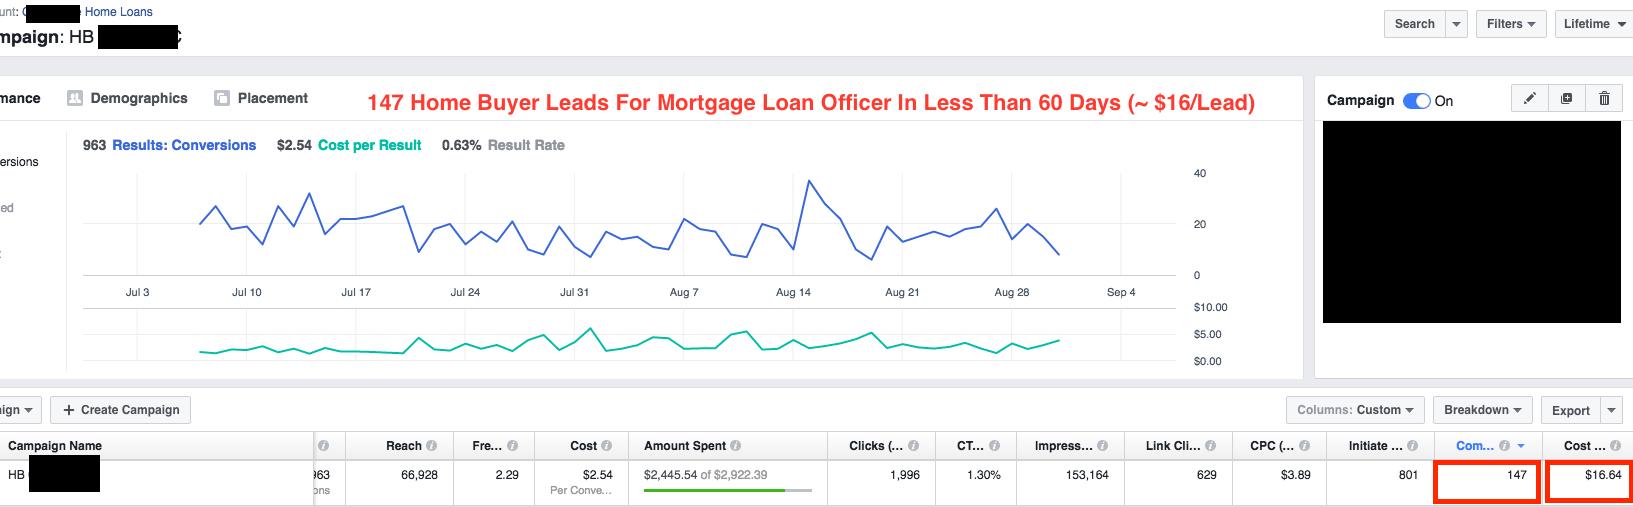 Mortgage-LO-Campaign